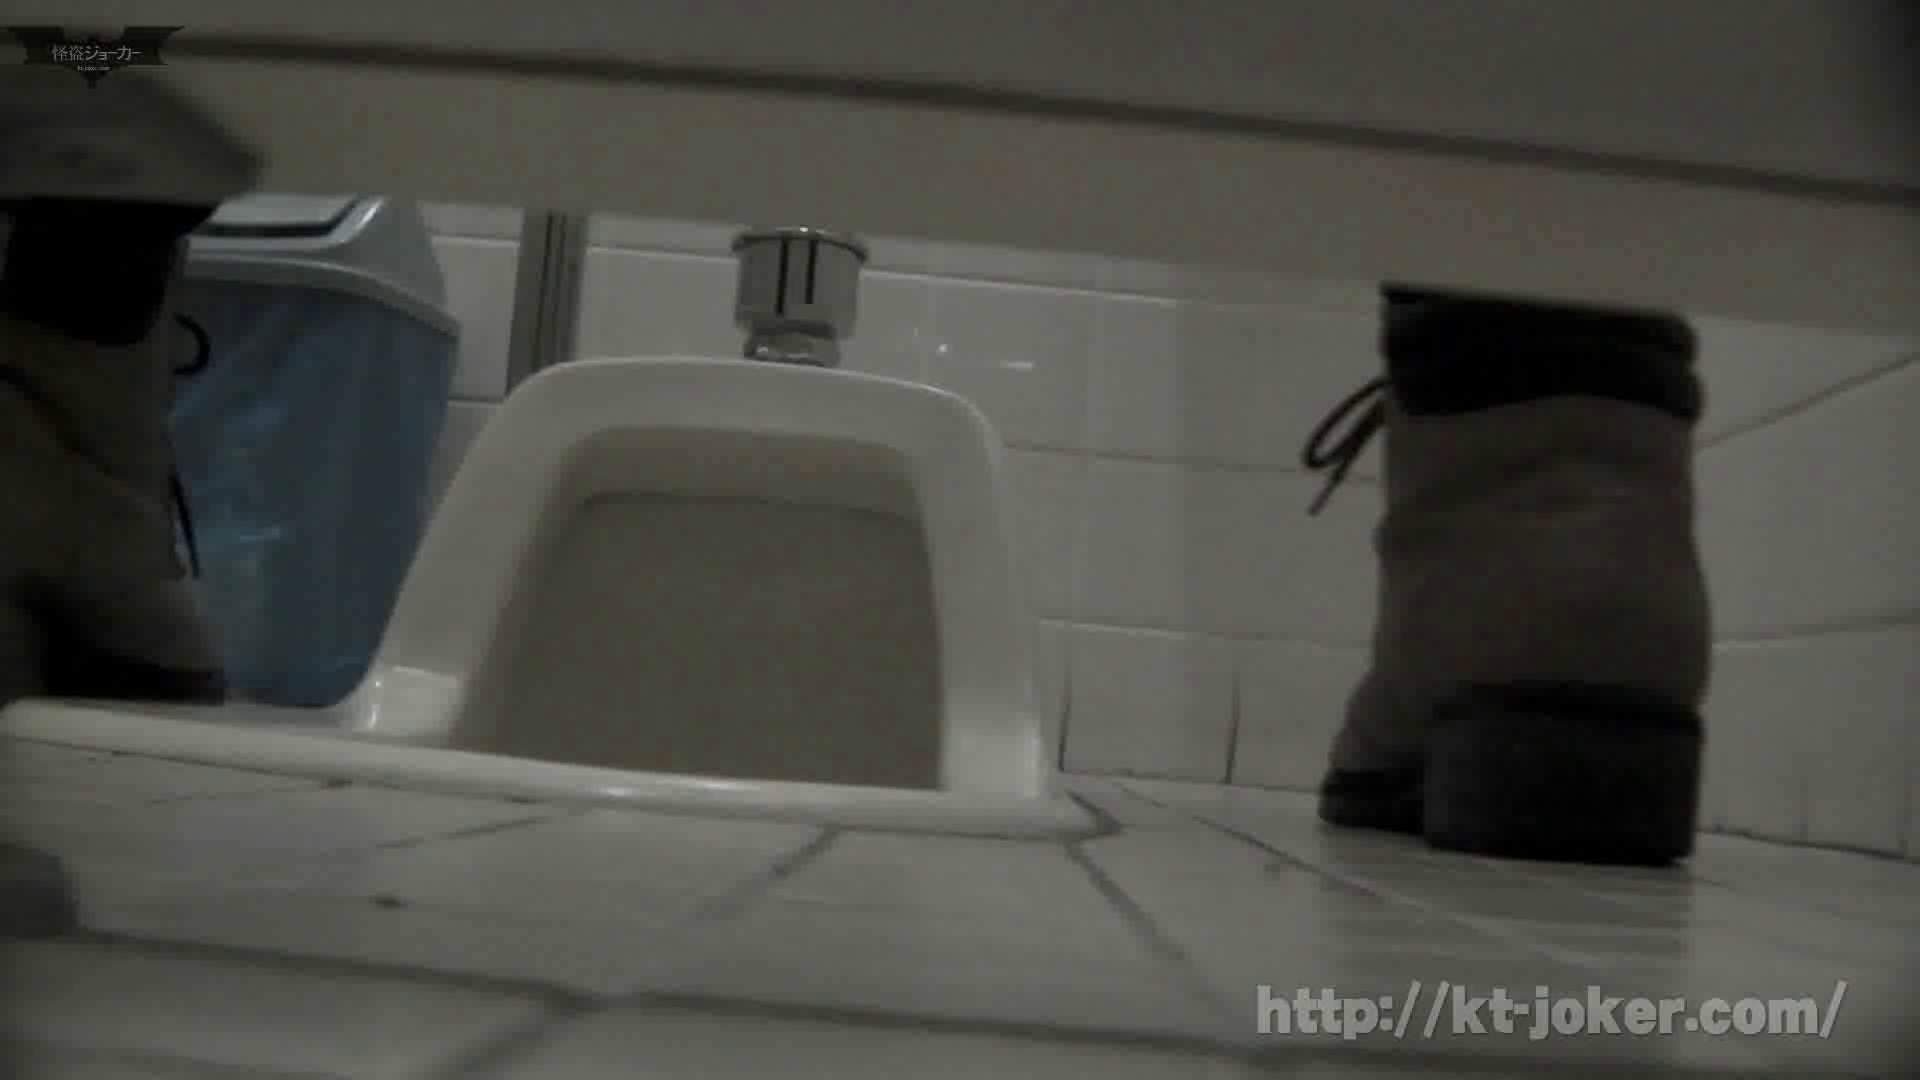 命がけ潜伏洗面所! vol.56 ピンチ!!「鏡の前で祈る女性」にばれる危機 洗面所突入  105pic 84